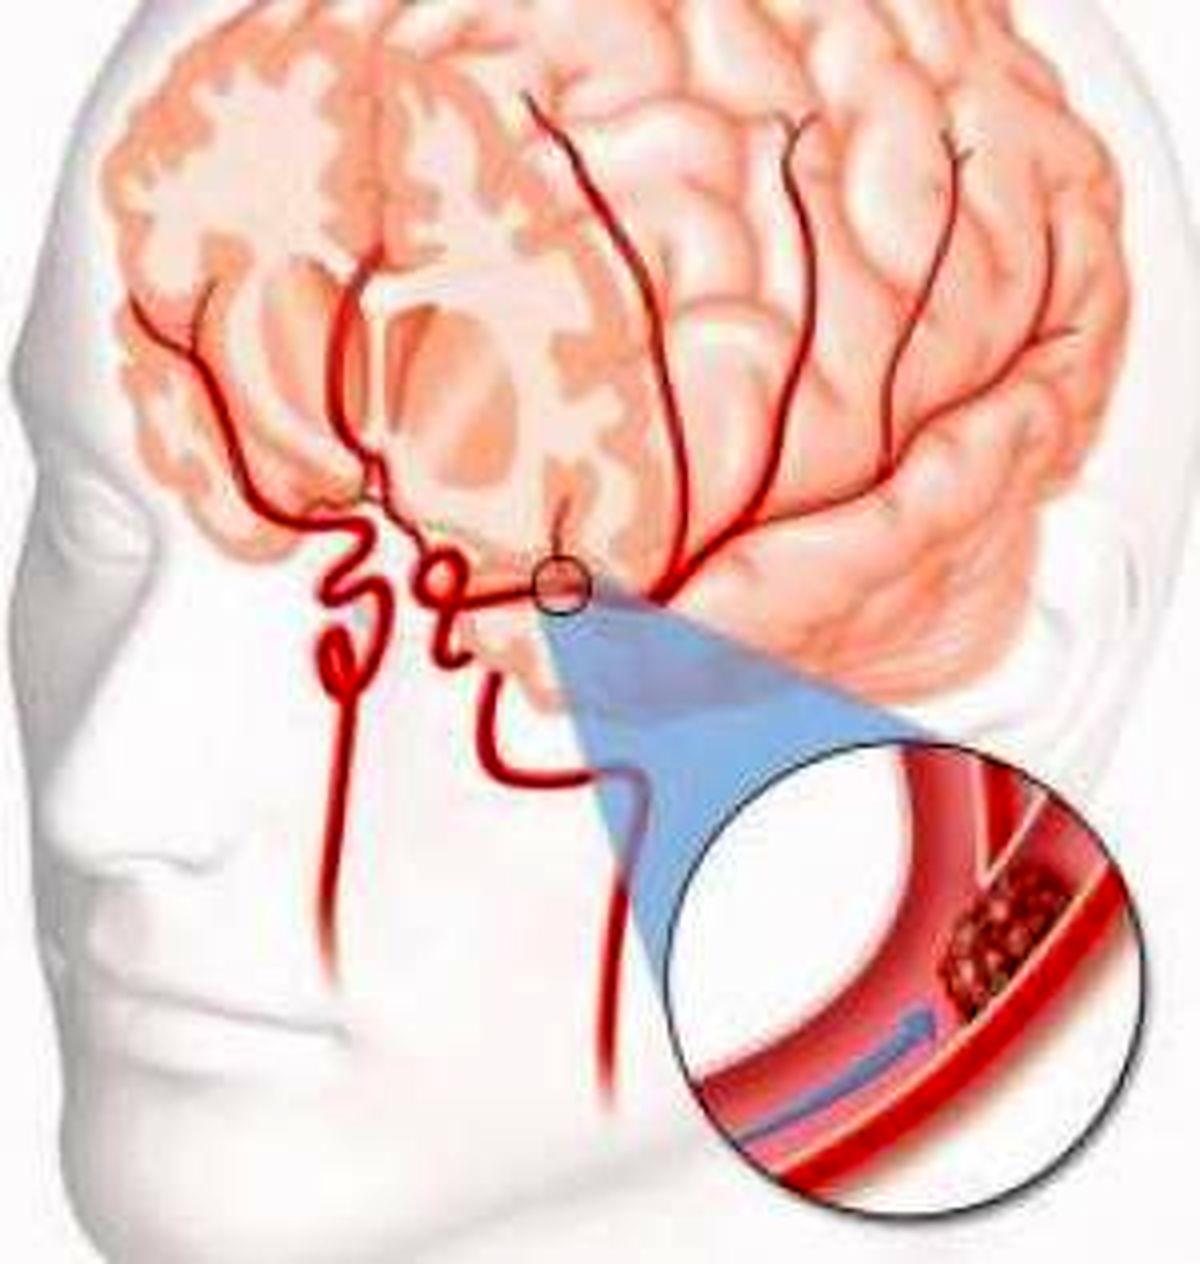 نجات فوری بیماران سکته مغزی با سوزن خیاطی!